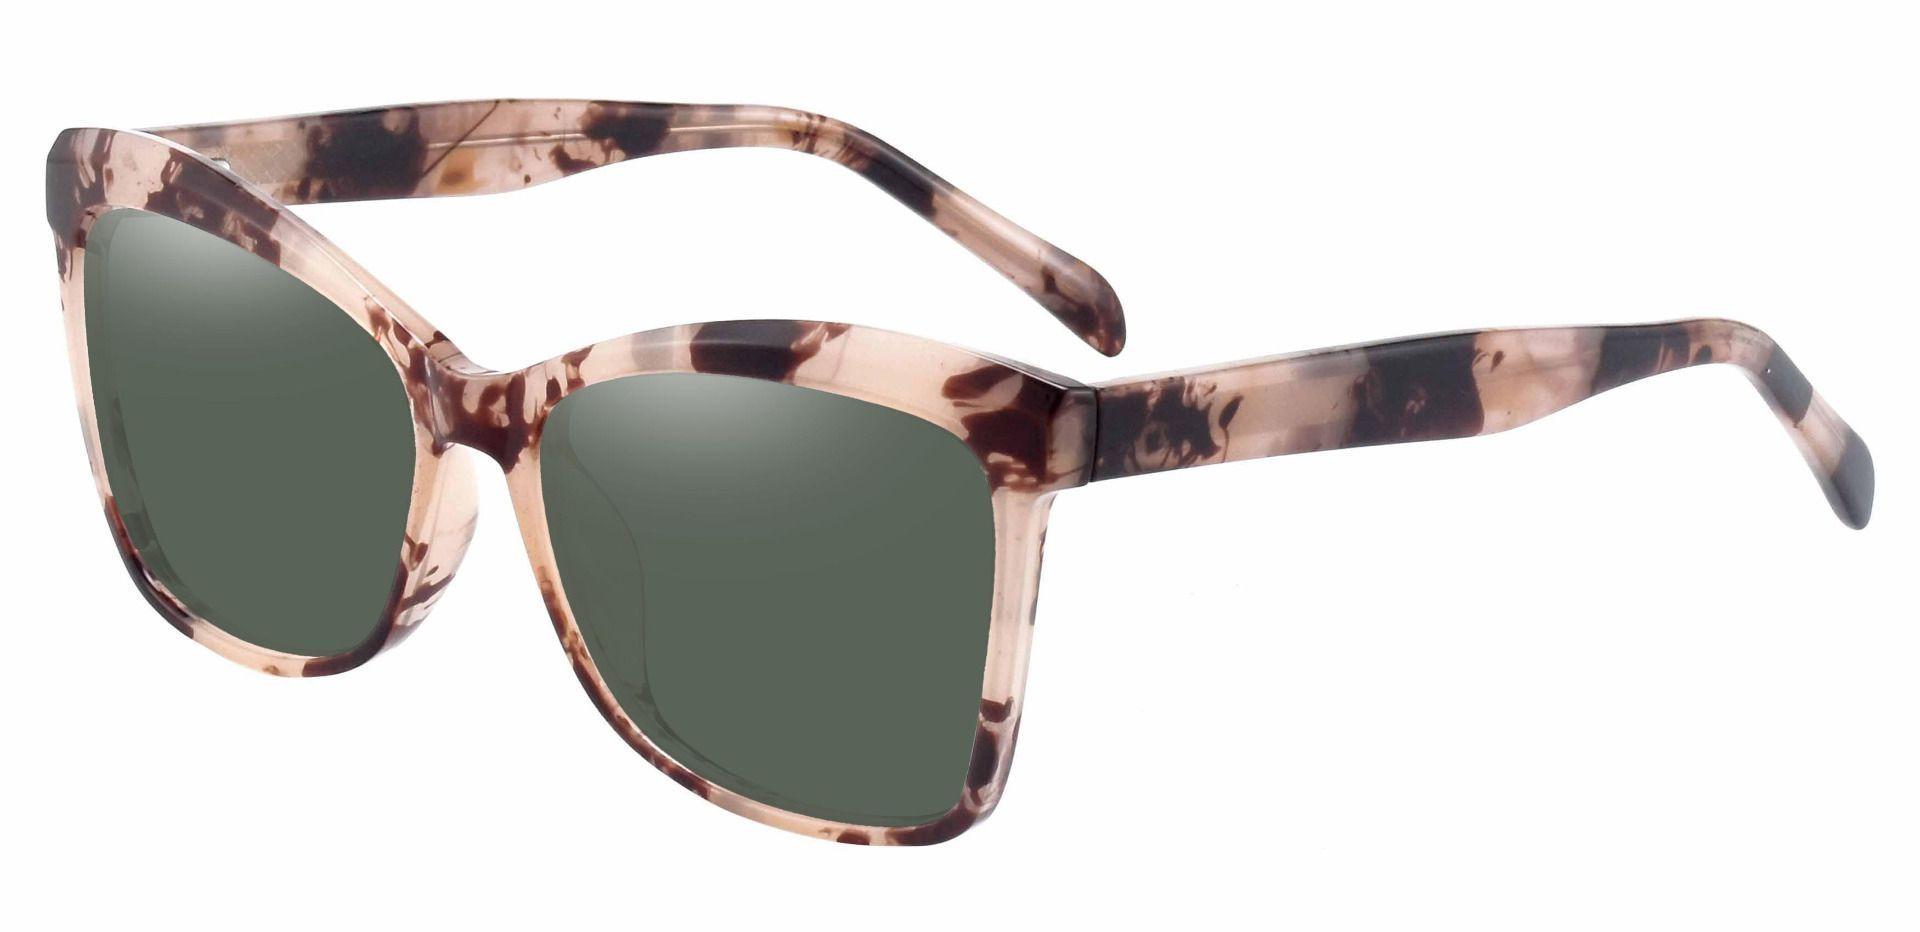 Lexi Cat Eye Prescription Sunglasses - Tortoise Frame With Green Lenses